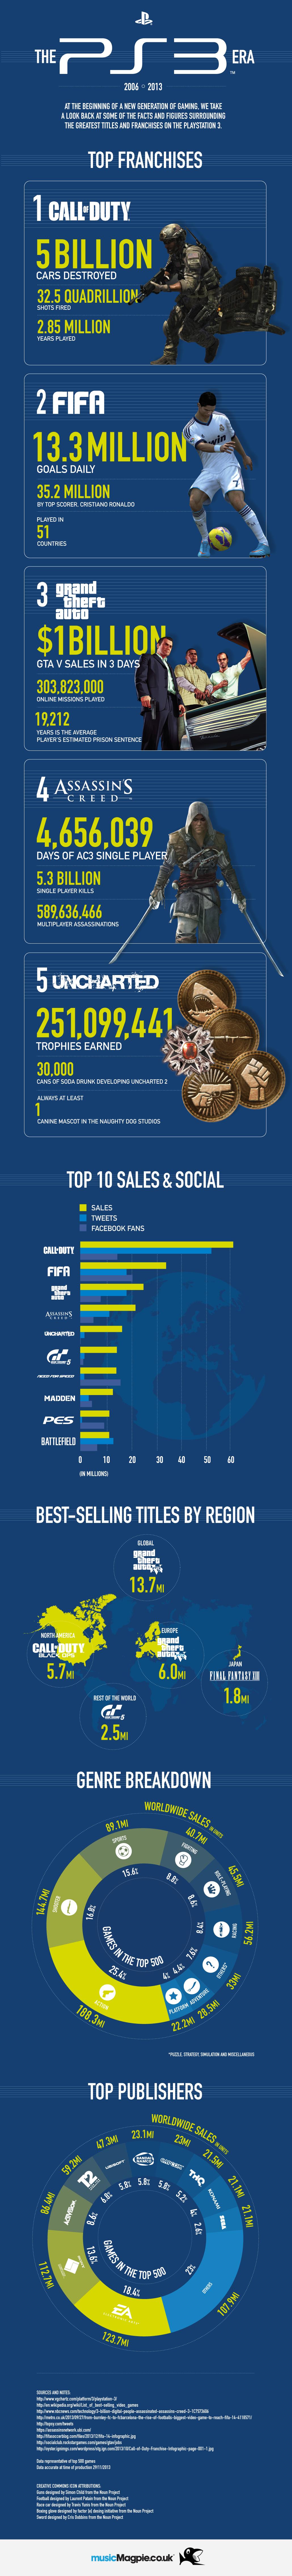 PS3-Era-Infographic - 7